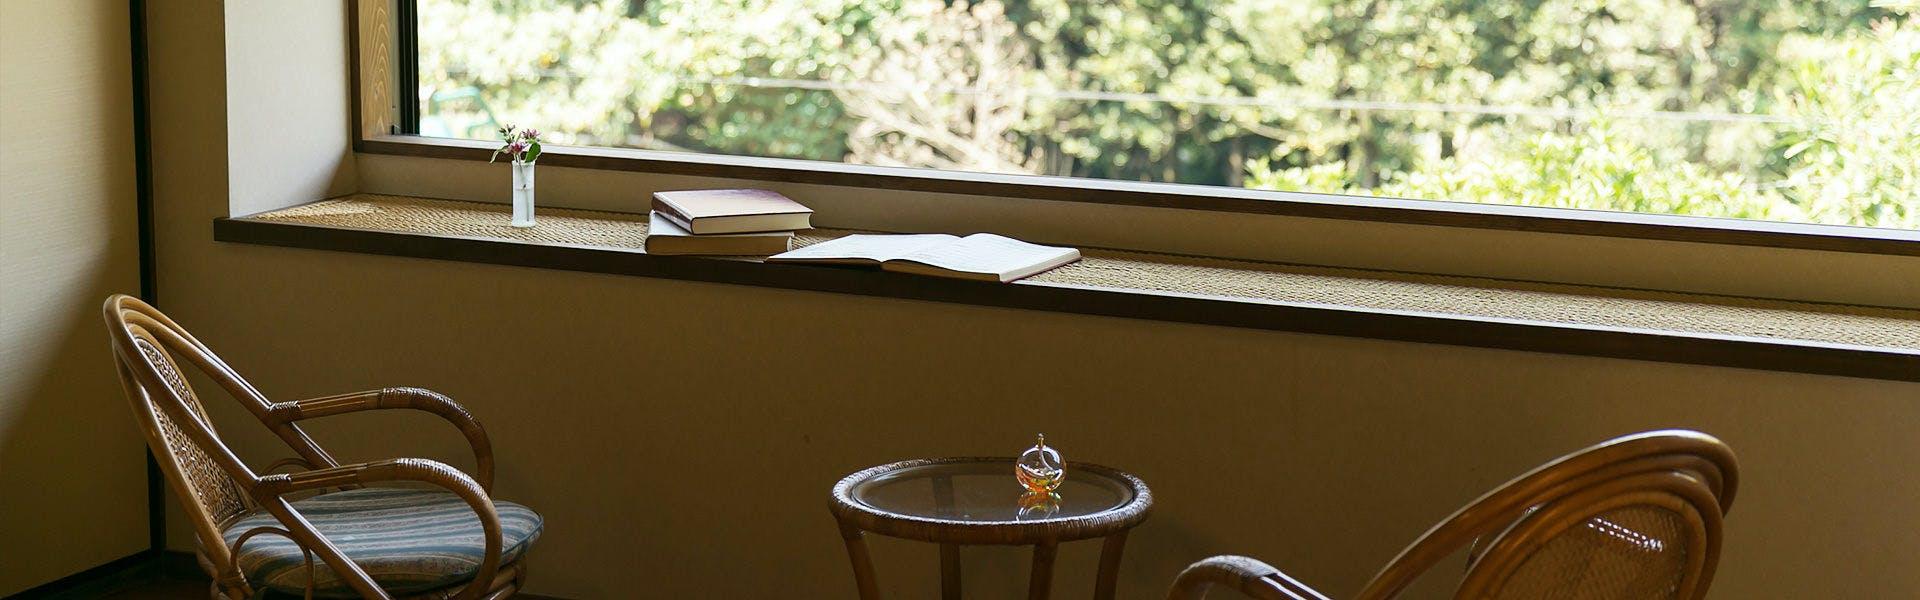 記念日におすすめのホテル・箱根湯本温泉 喜仙荘の写真2